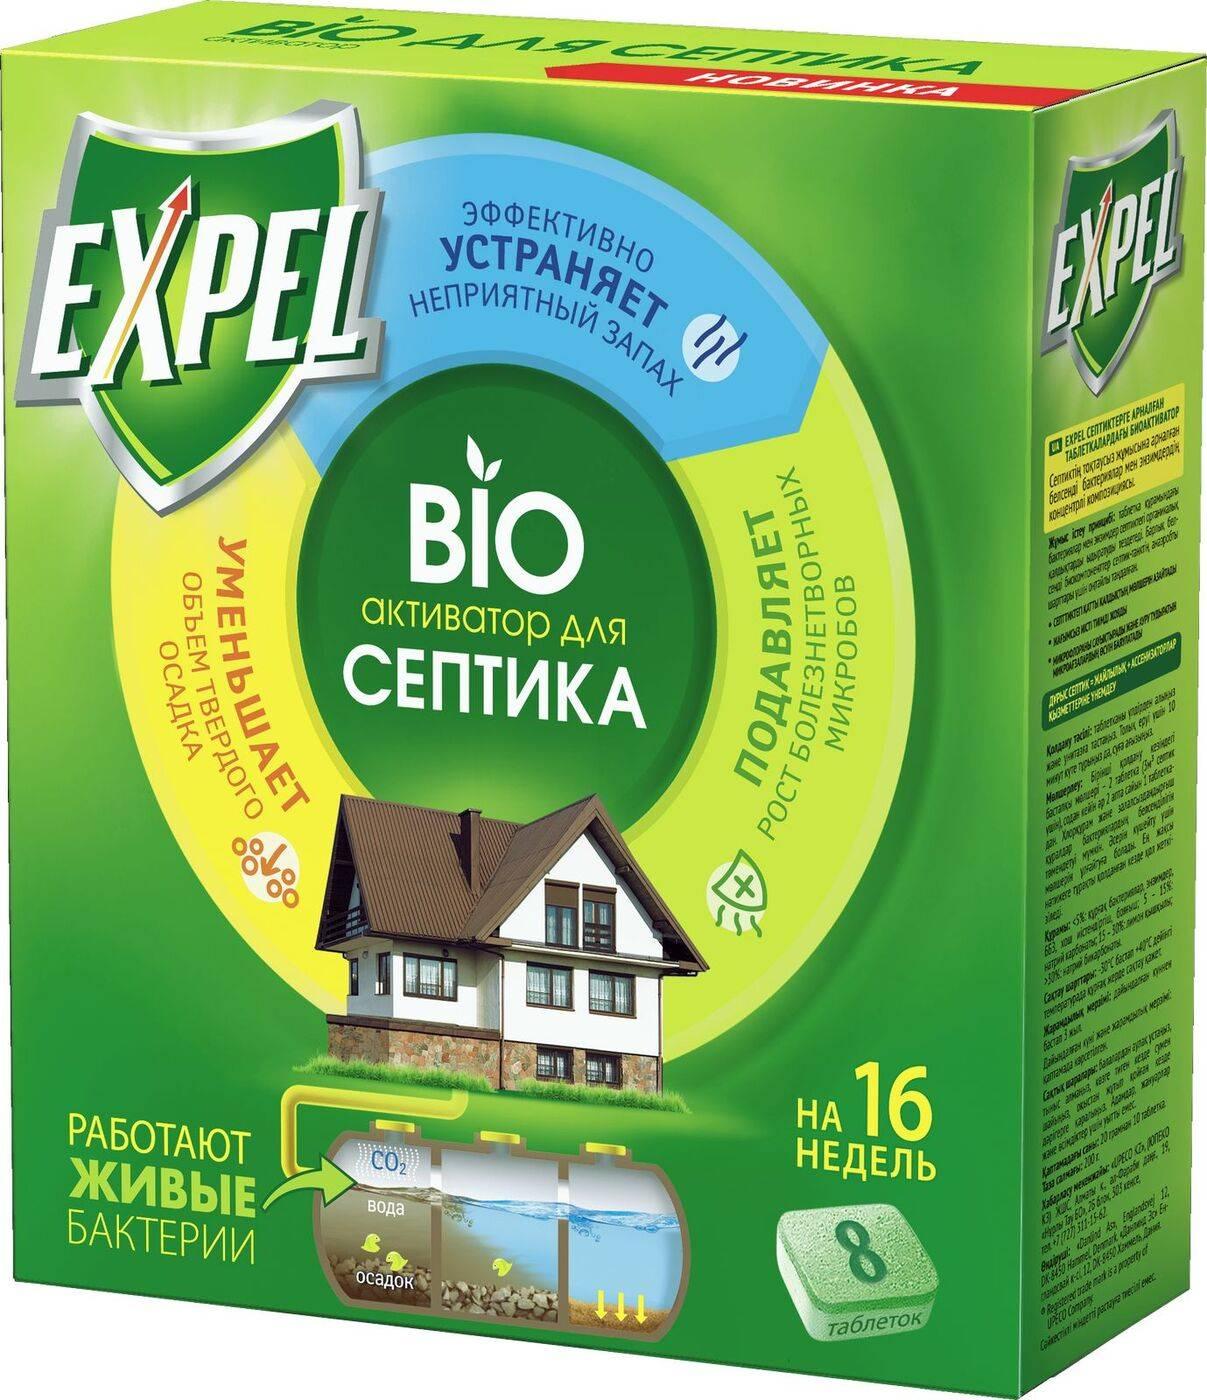 Обзор различных биологических средств для выгребных ям: бактерии на страже чистоты